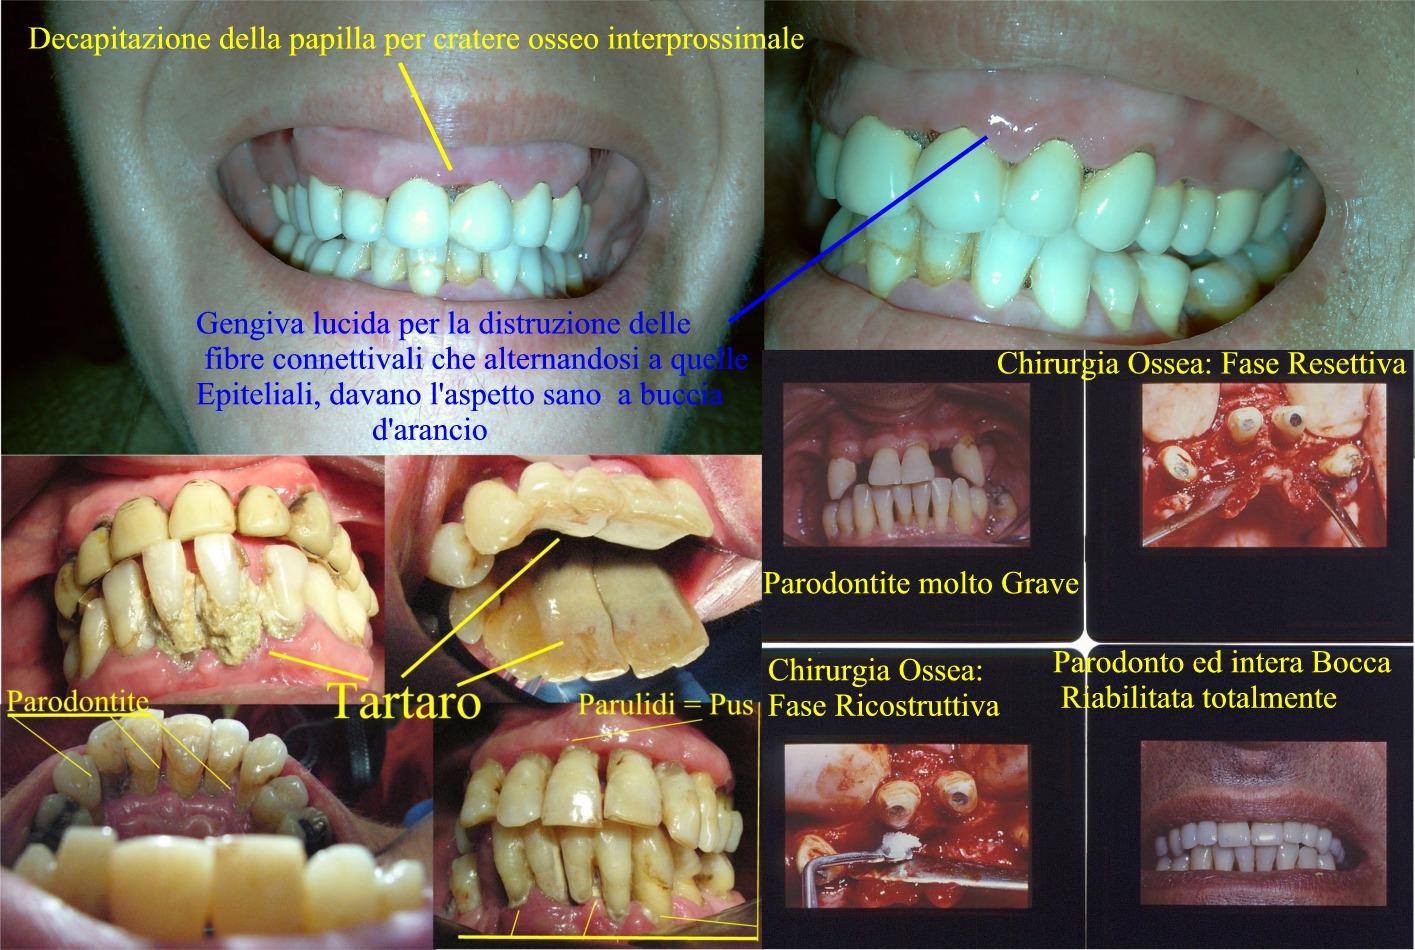 Parodontiti nelle sue varie manifestazione e riabilitazione parodontale completa. Da casistica del Dr. Gustavo Petti di Cagliari